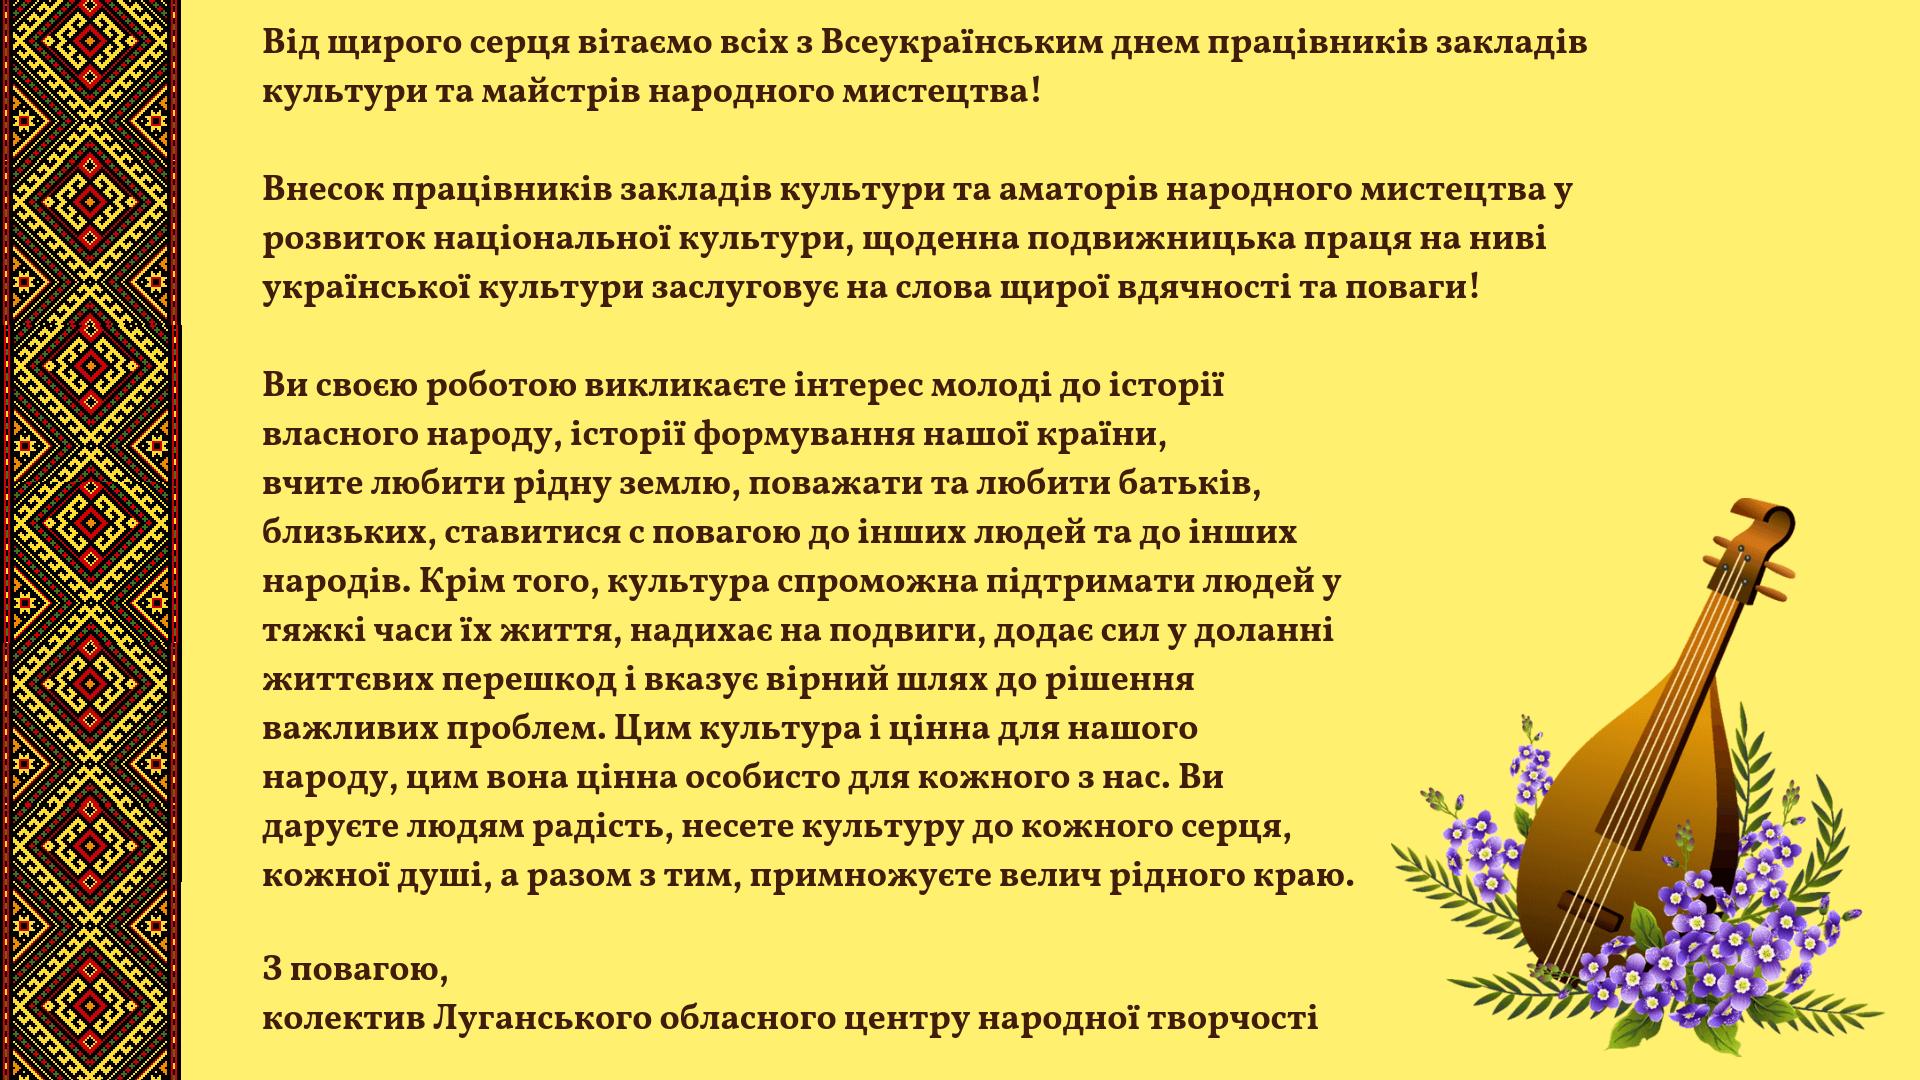 ВІТАННЯ ВІД ЛУГАНСЬКОГО ОБЛАСНОГО ЦЕНТРУ НАРОДНОЇ ТВОРЧОСТІ – Український  центр культурних досліджень 48cf5949b1e43